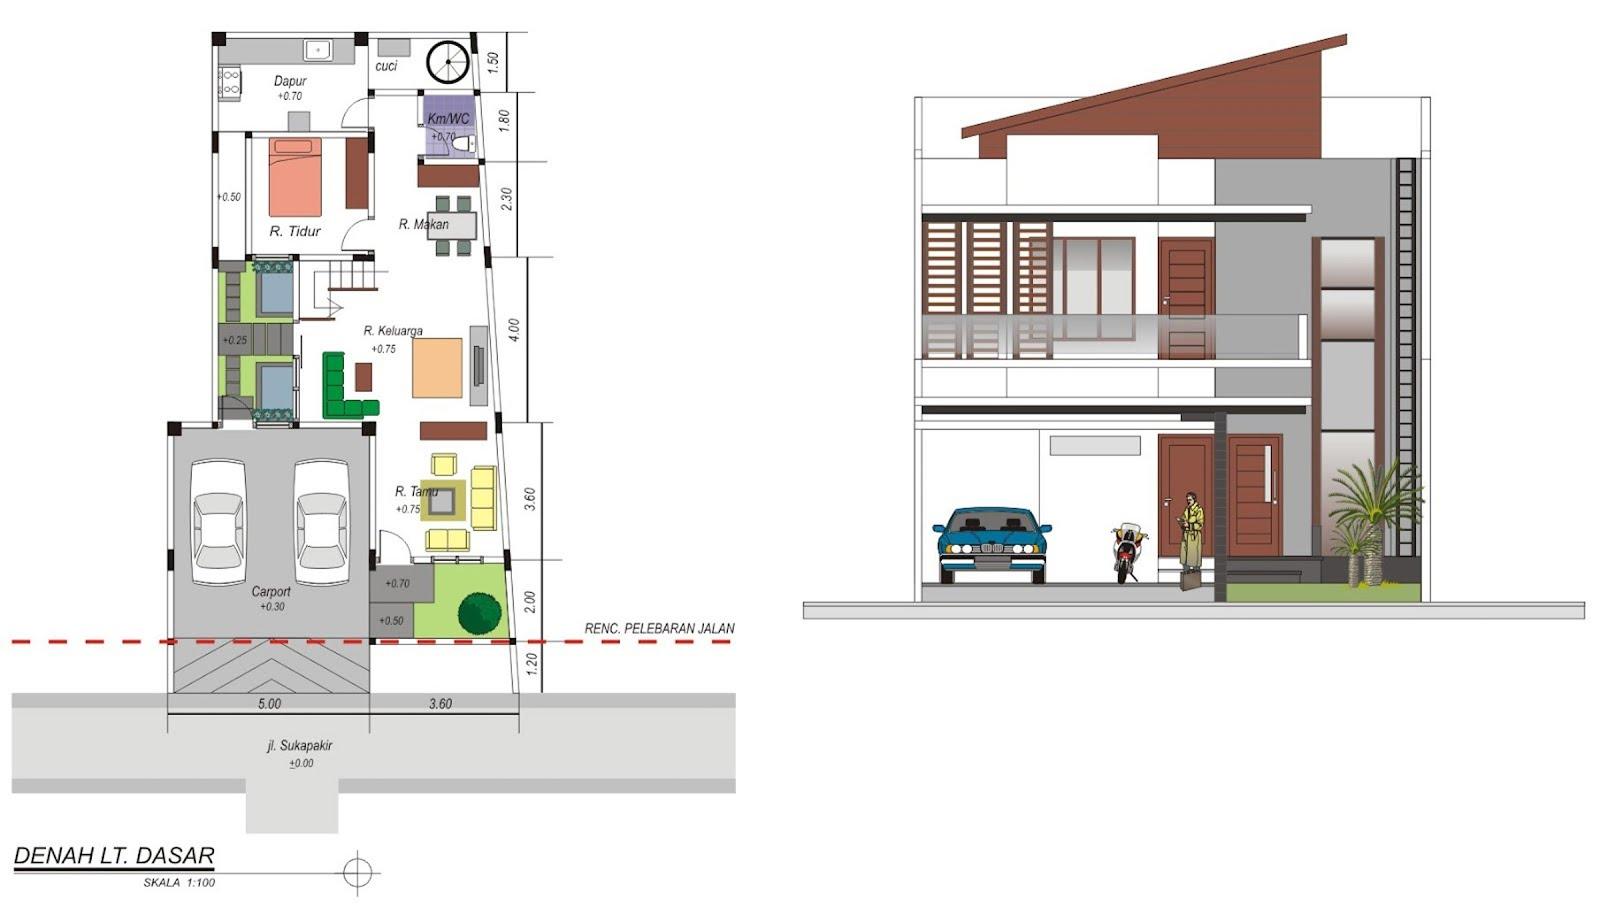 96 Desain  Rumah Dapur Depan  Design Dapur Interior Rumah